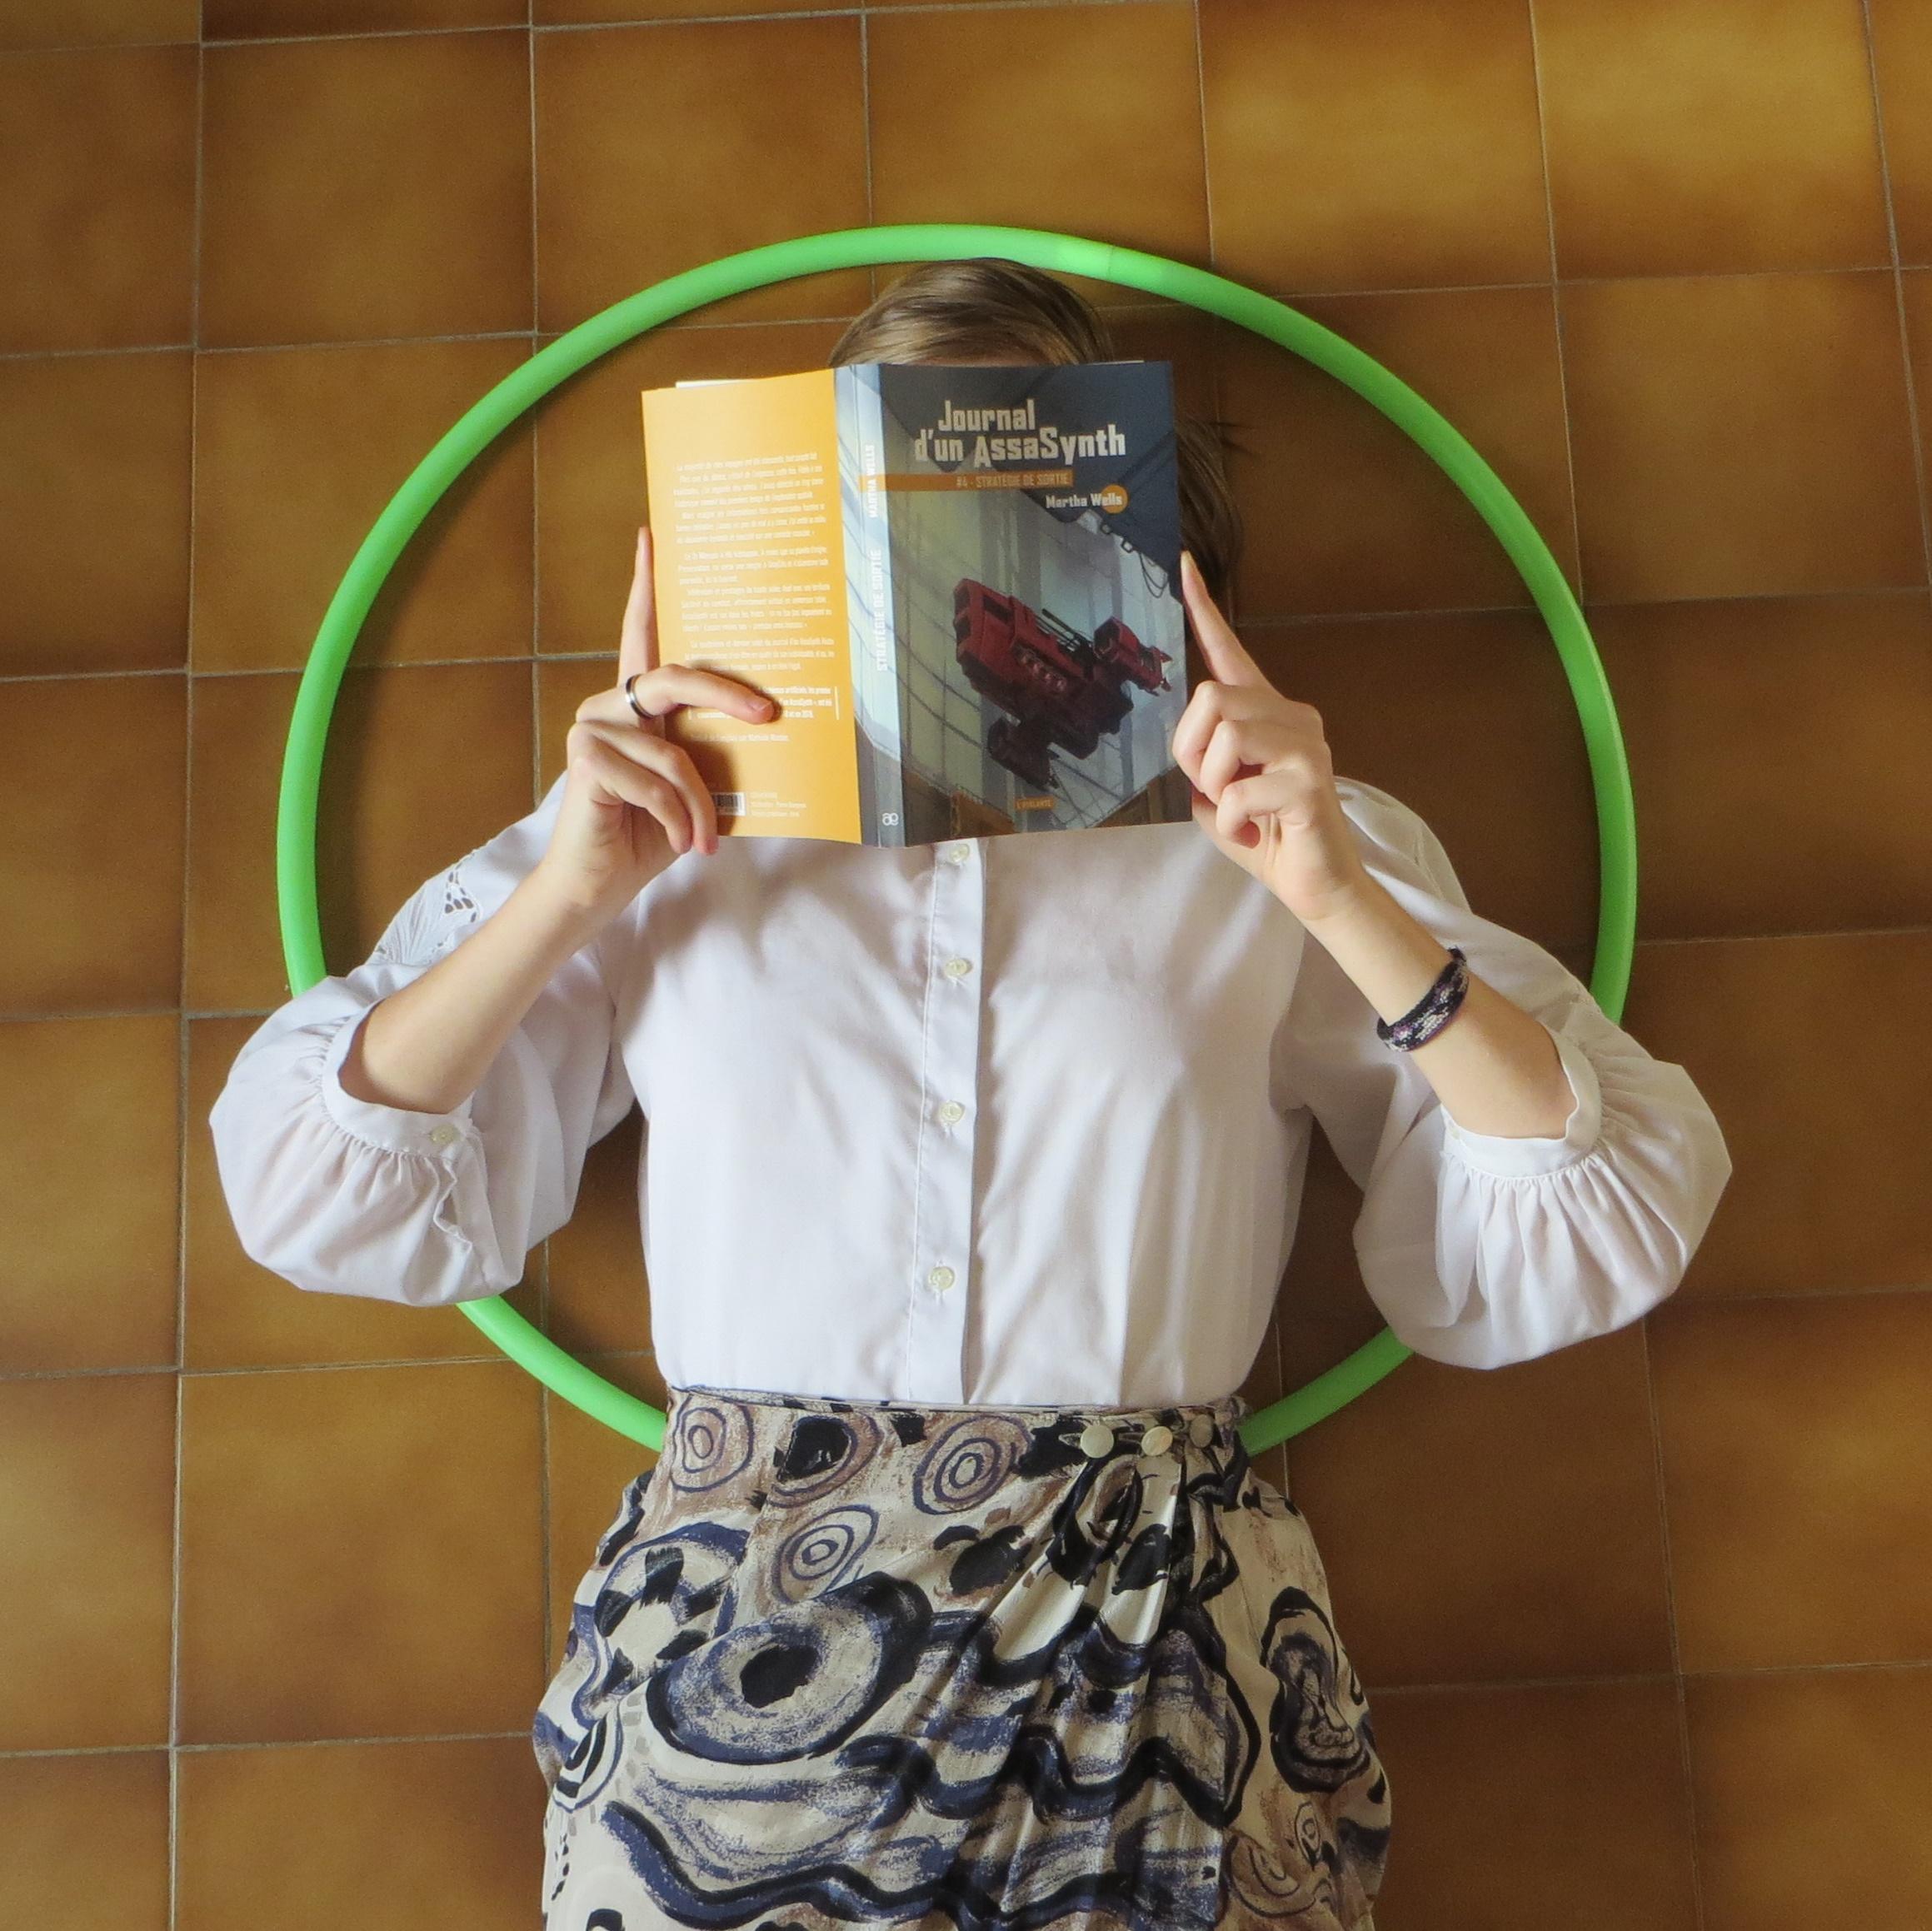 personne allongée sur un carrelage brun, dans un cerceau, vêtue d'une jupe décorée de cercles, lisant Journal d'un AssaSynth tome 4 de Martha Wells, Stratégie de Sortie